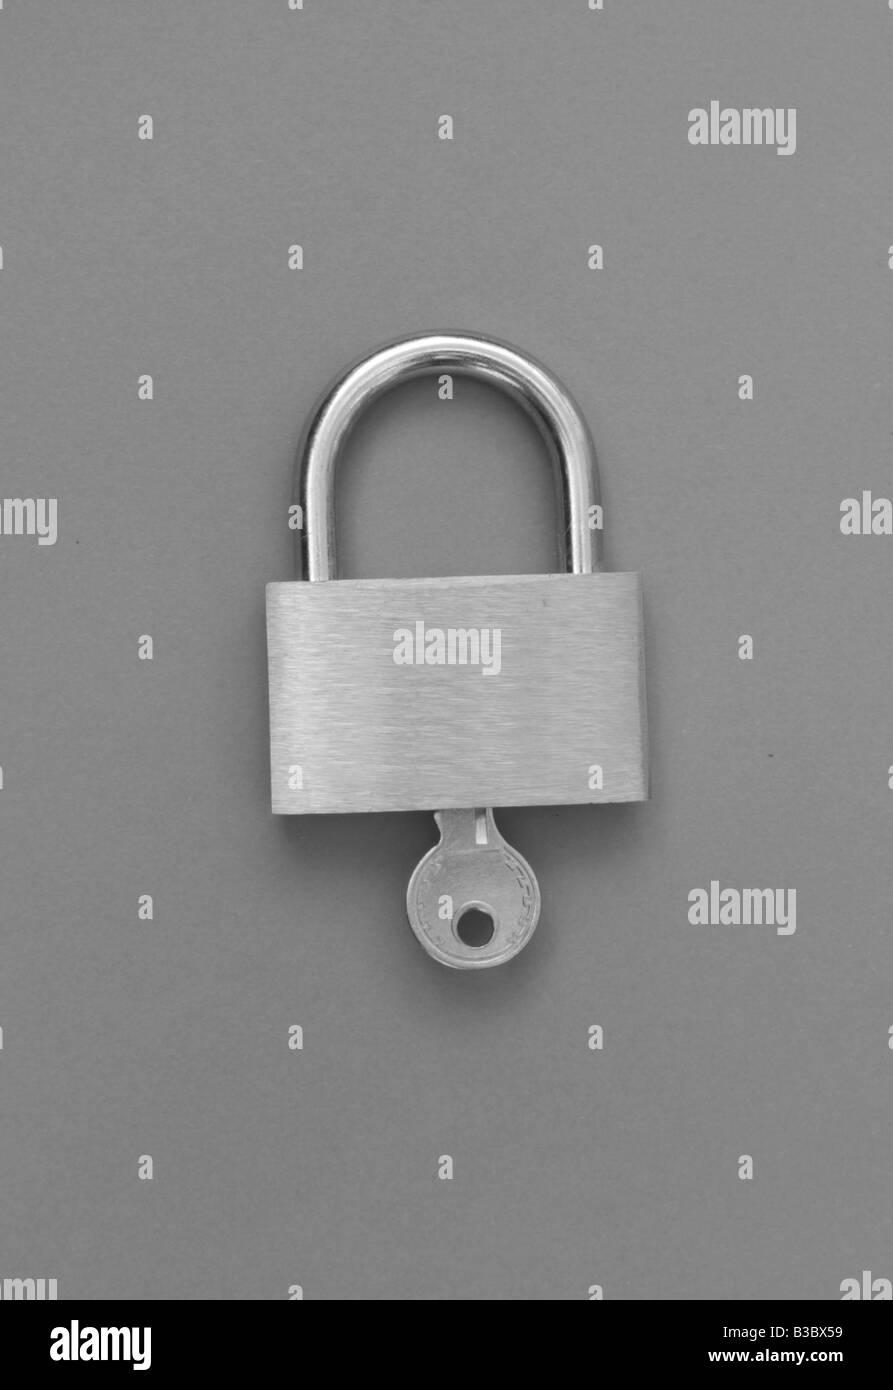 padlock clasp secure door lock - Stock Image